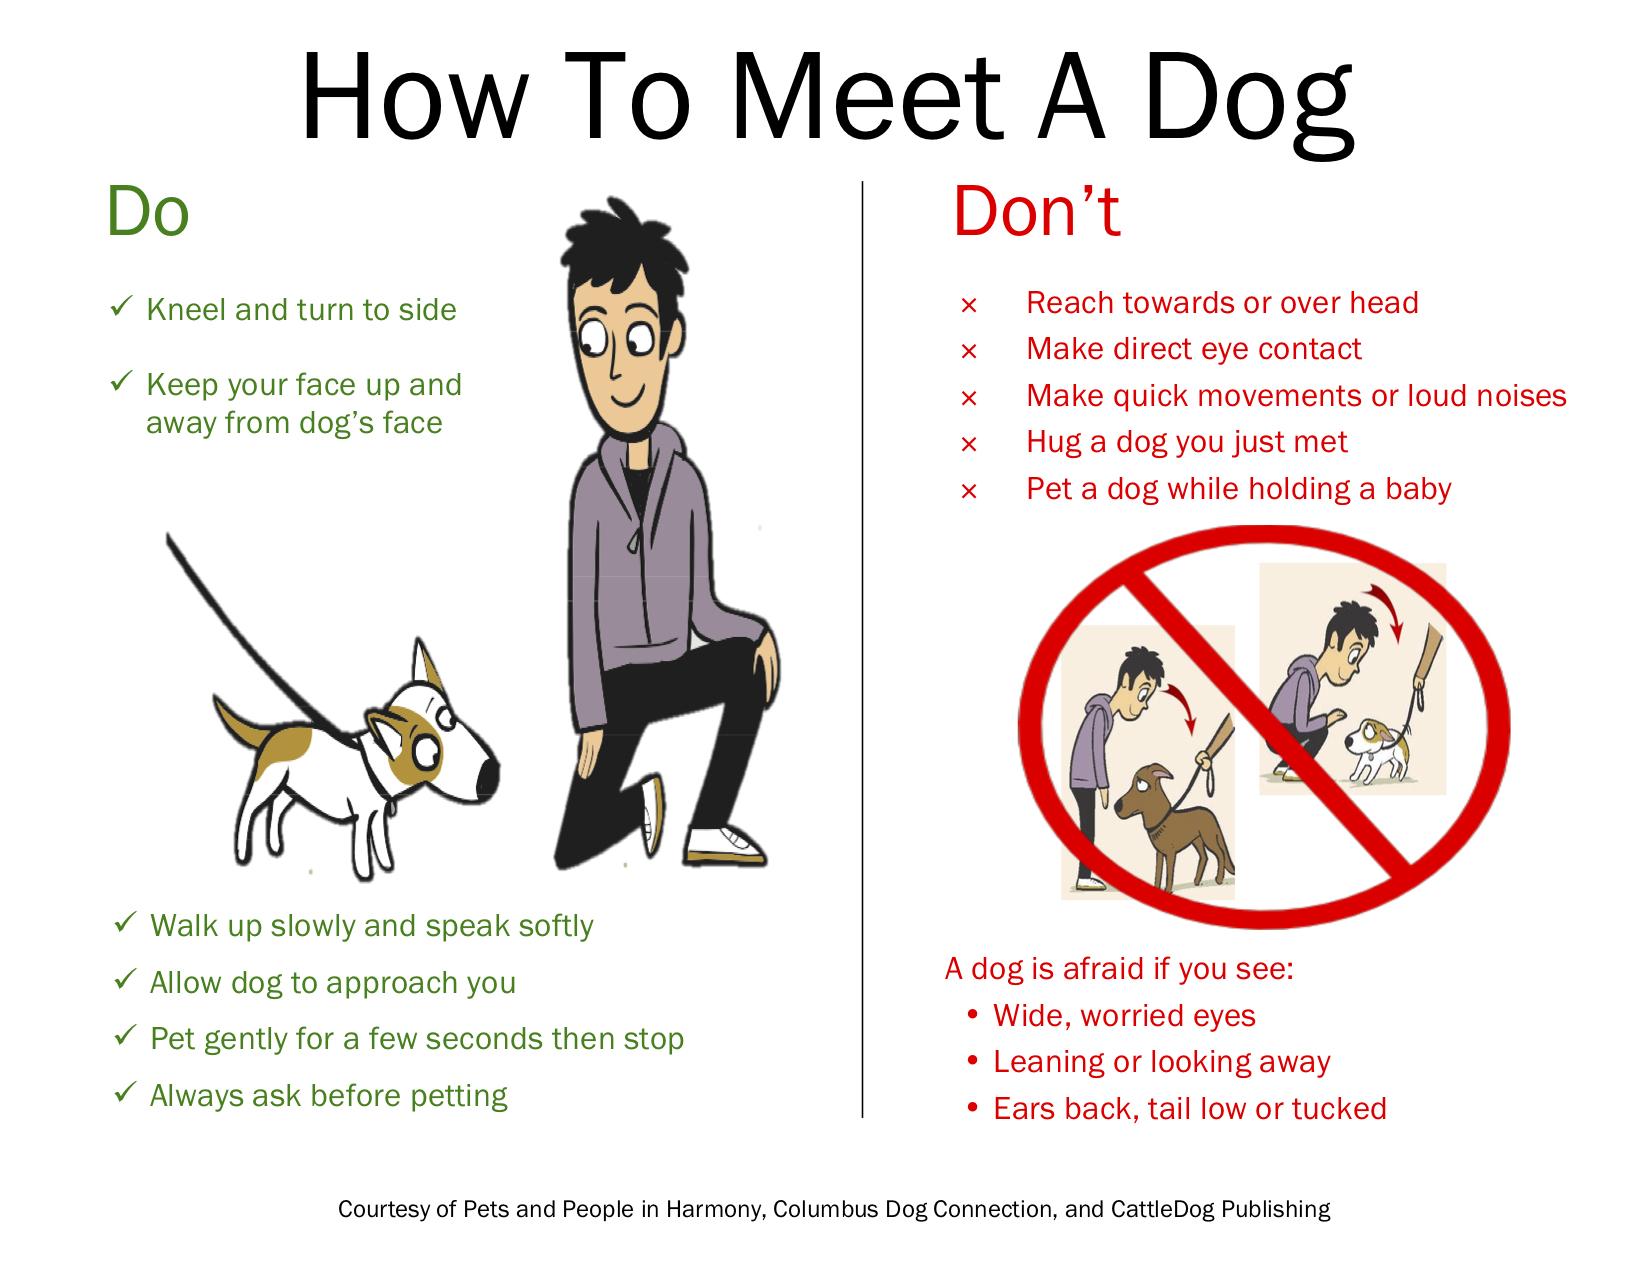 How to Meet a Dog.jpg